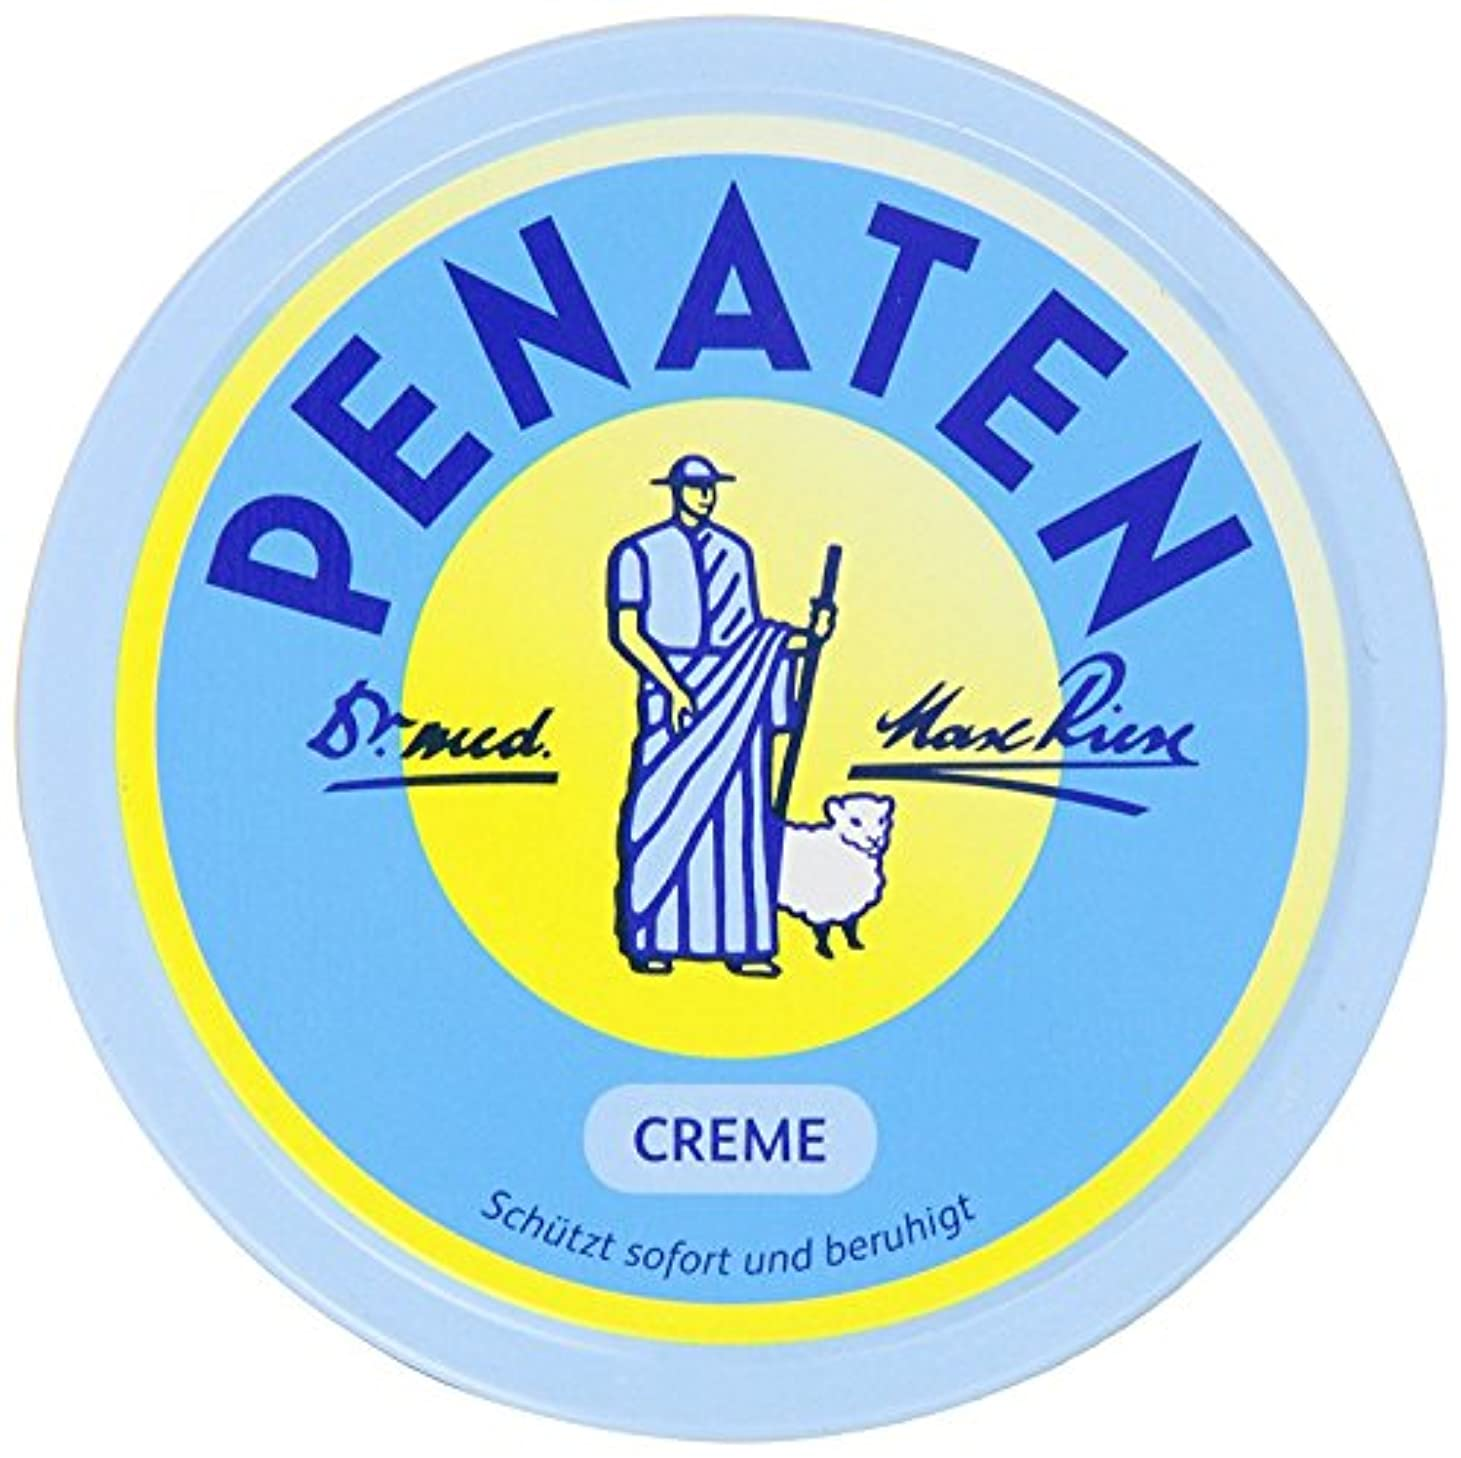 繁栄するとまり木努力(ペナテン) Penaten Baby Creme 150 ml, 3er Pack (3 x 150 ml) (並行輸入品) shumaman